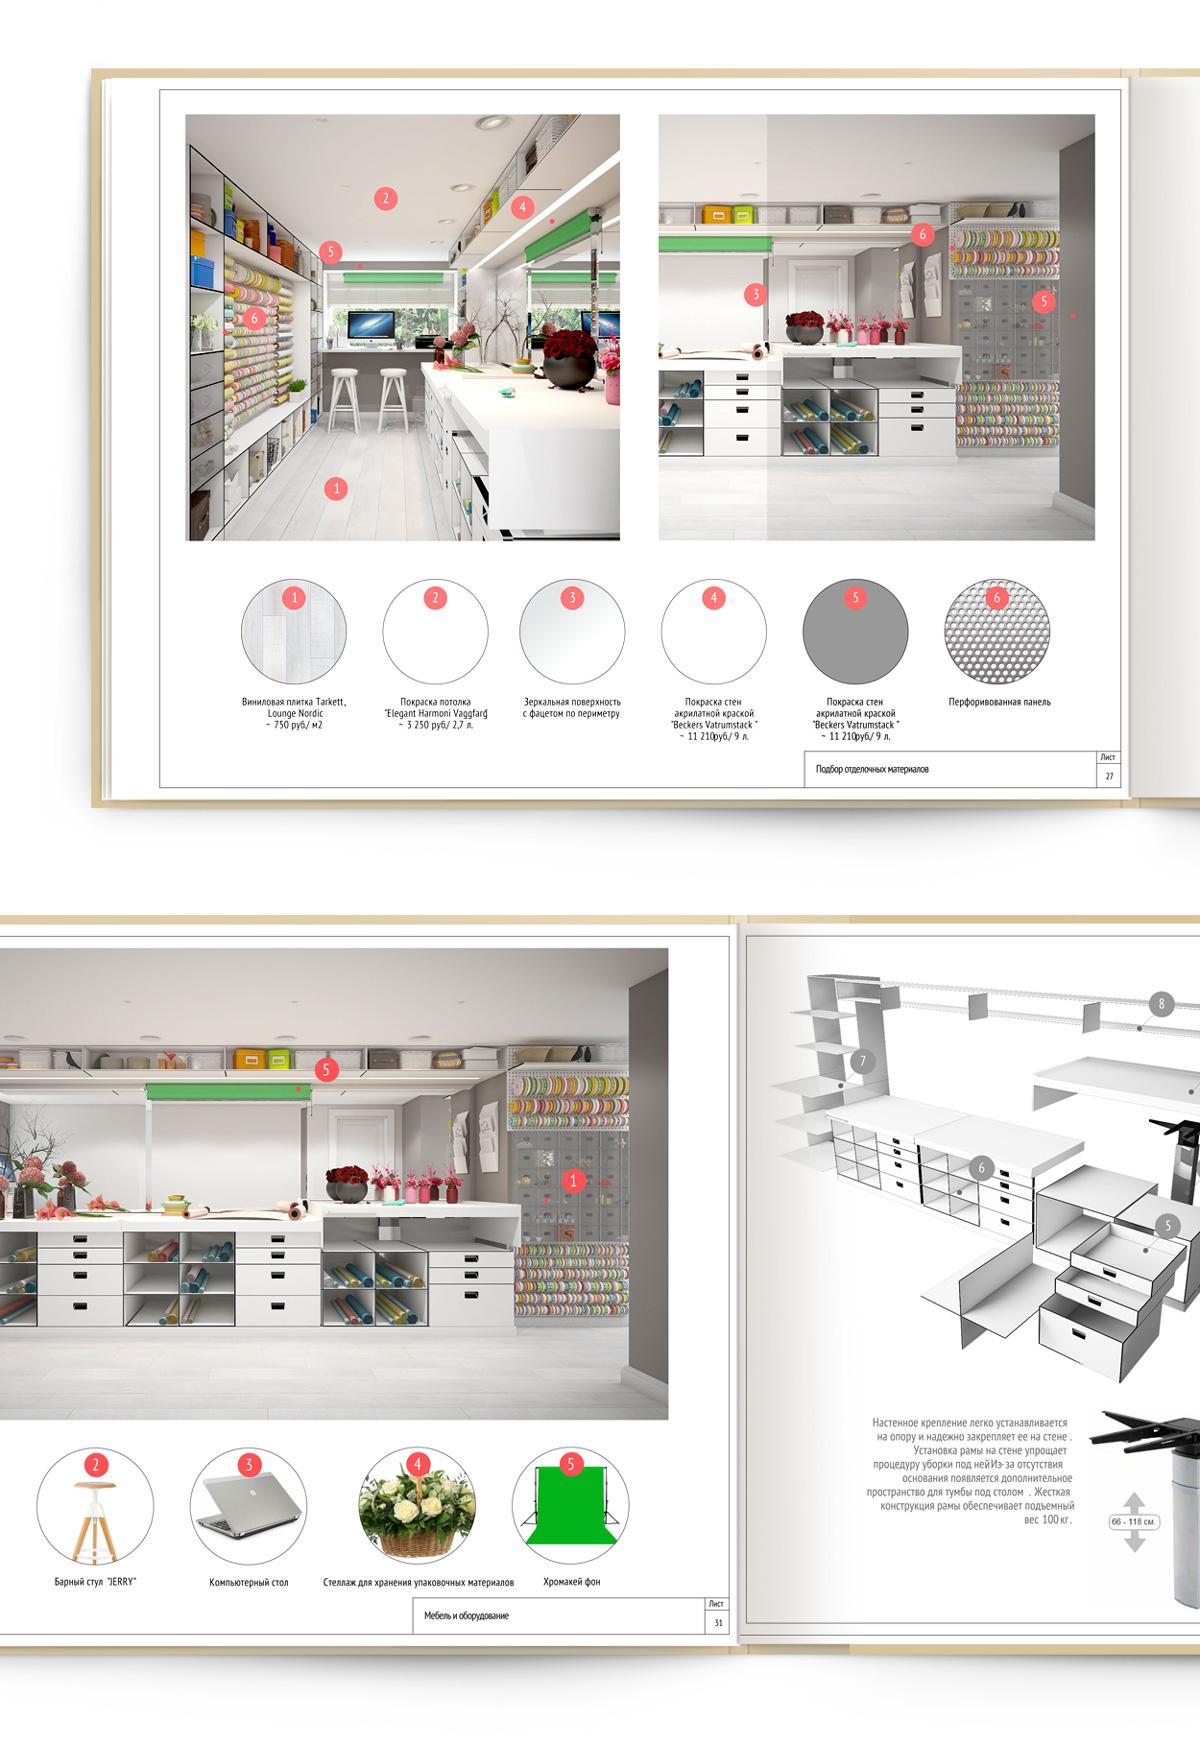 Брендбук и ритейл-бук проекта включают подробное описание принципов оформления интерьера, отделки, торгового оборудования